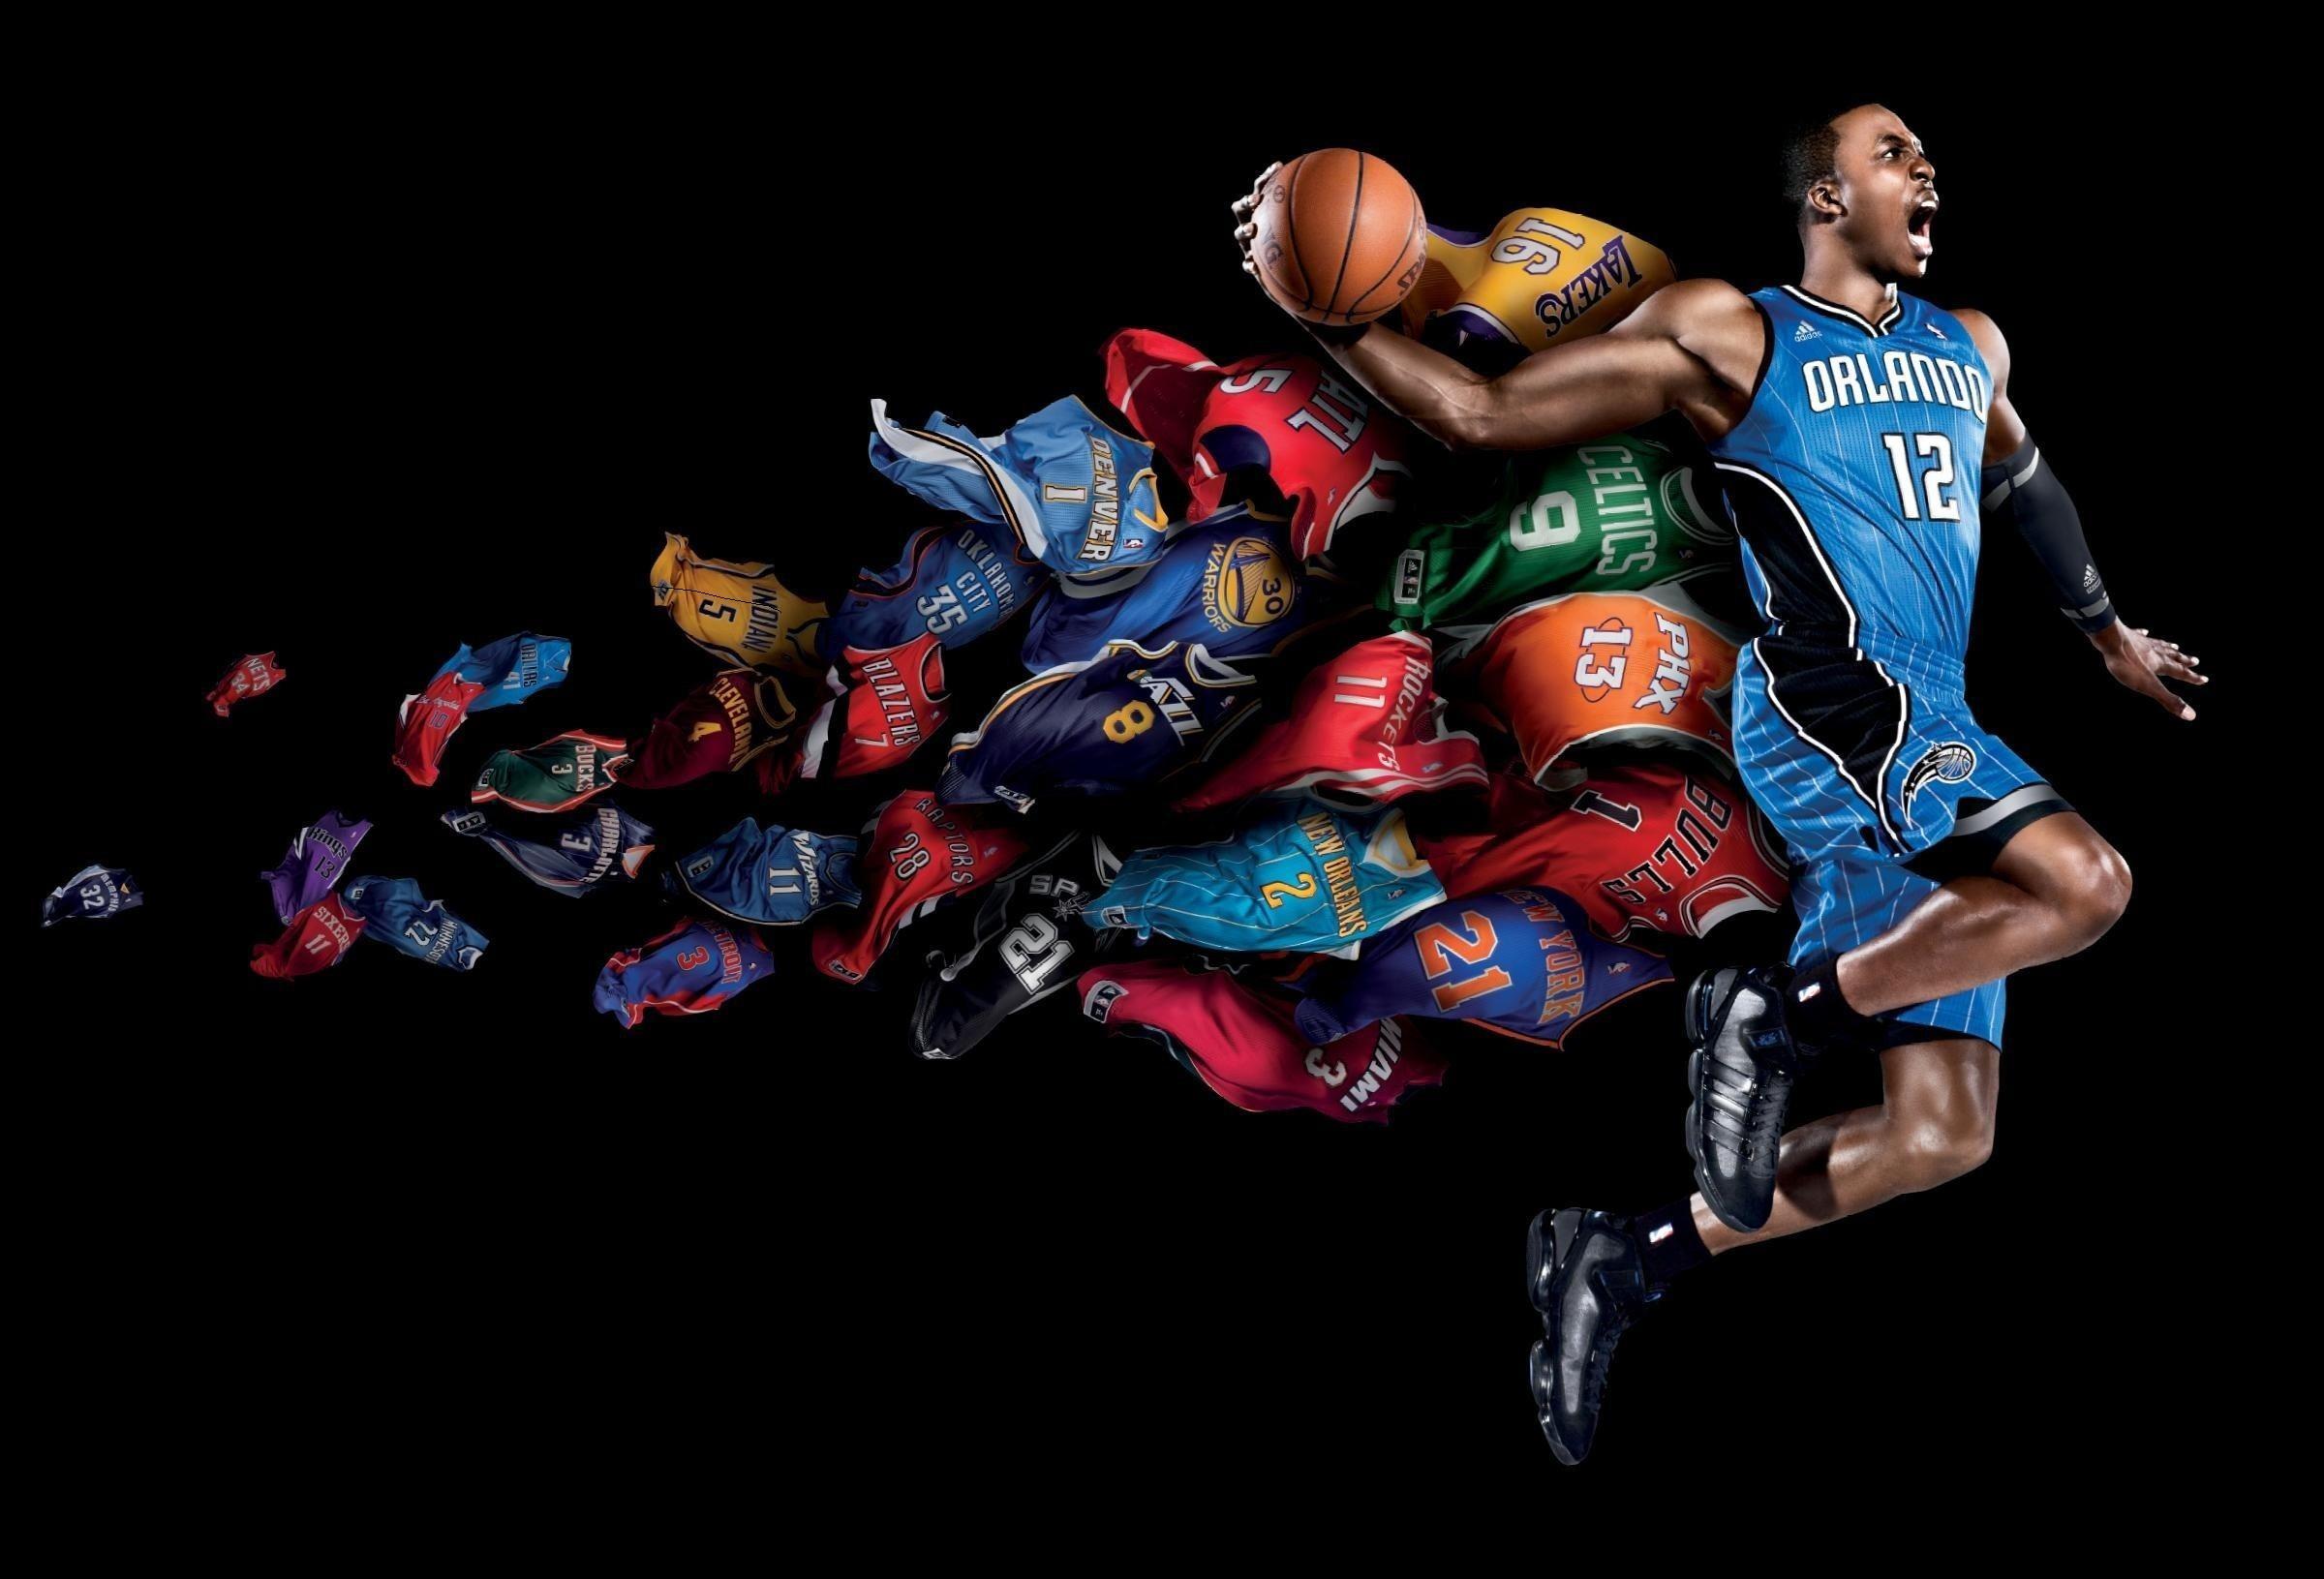 NBA Wallpaper Desktop Basketball Wallpapers Backgrounds.